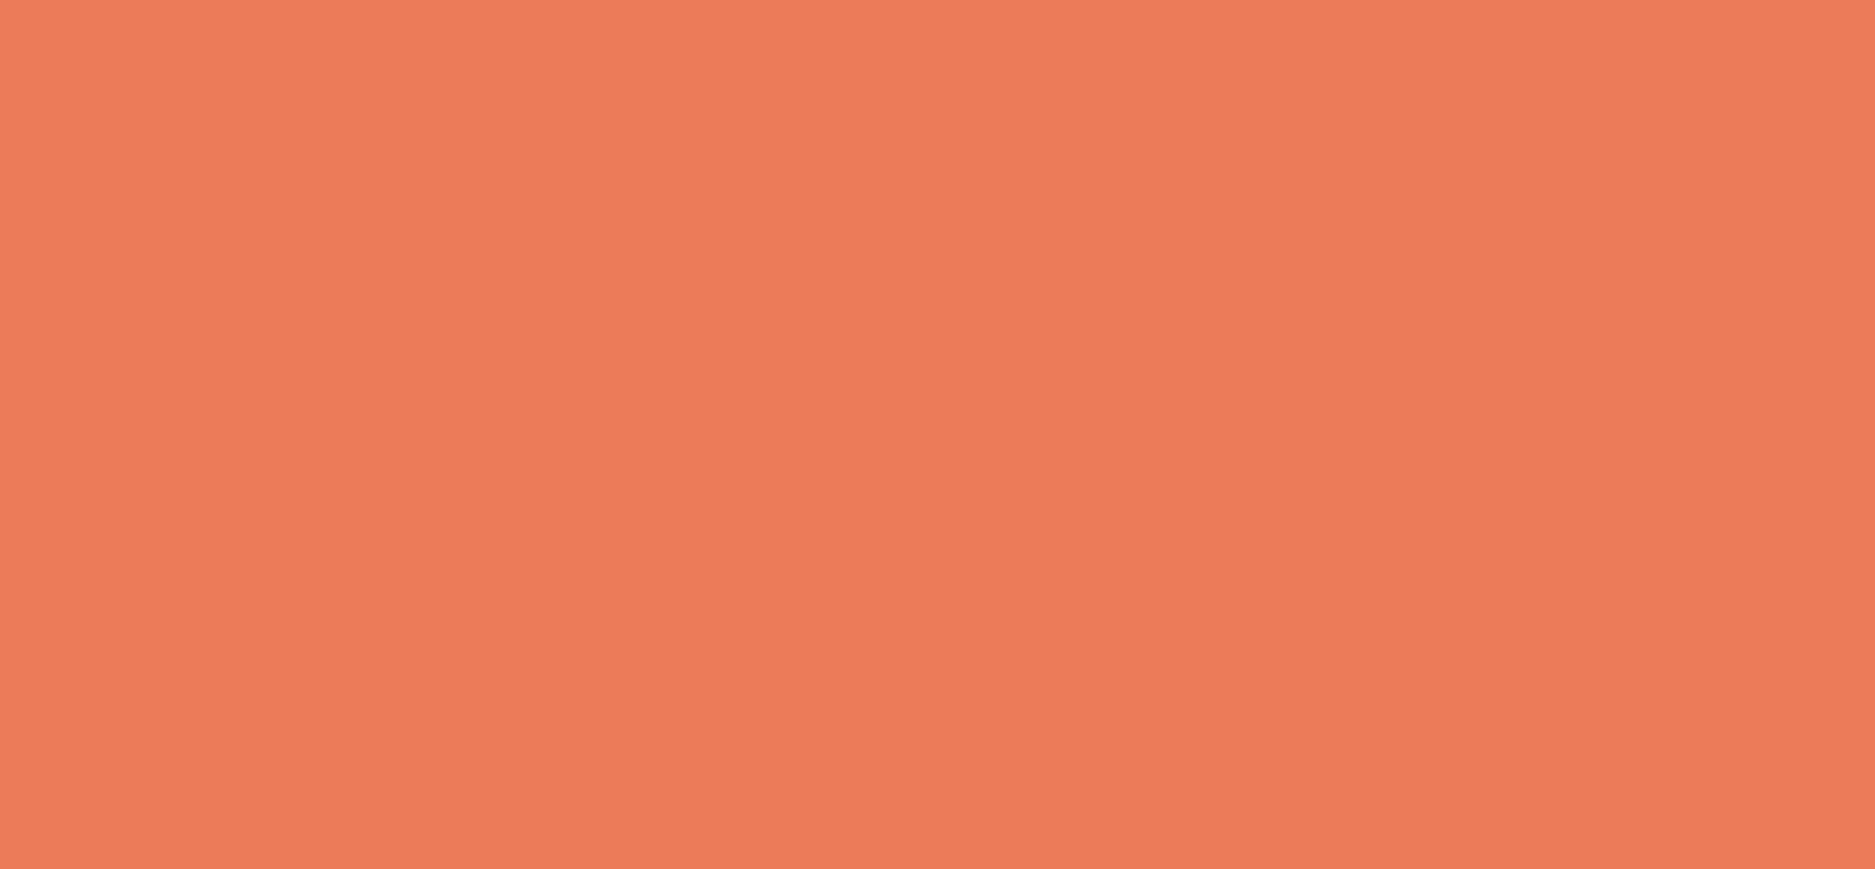 Header orange